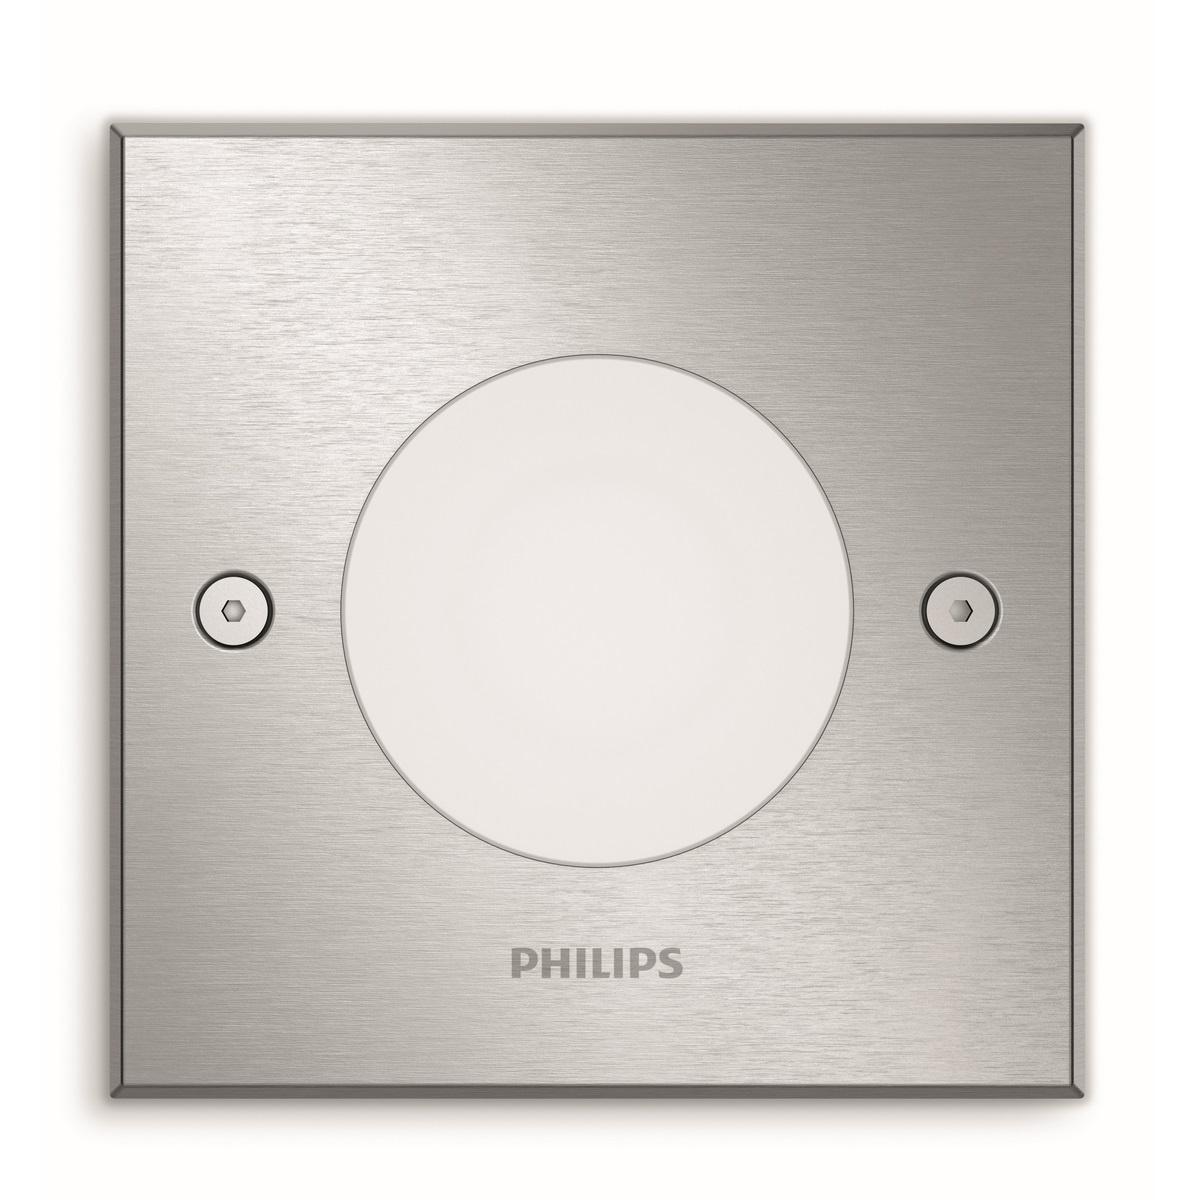 Philips 17356/47/P0 Crust Venkovní bodové pojezdové LED svítidlo 11,5 cm, stříbrná